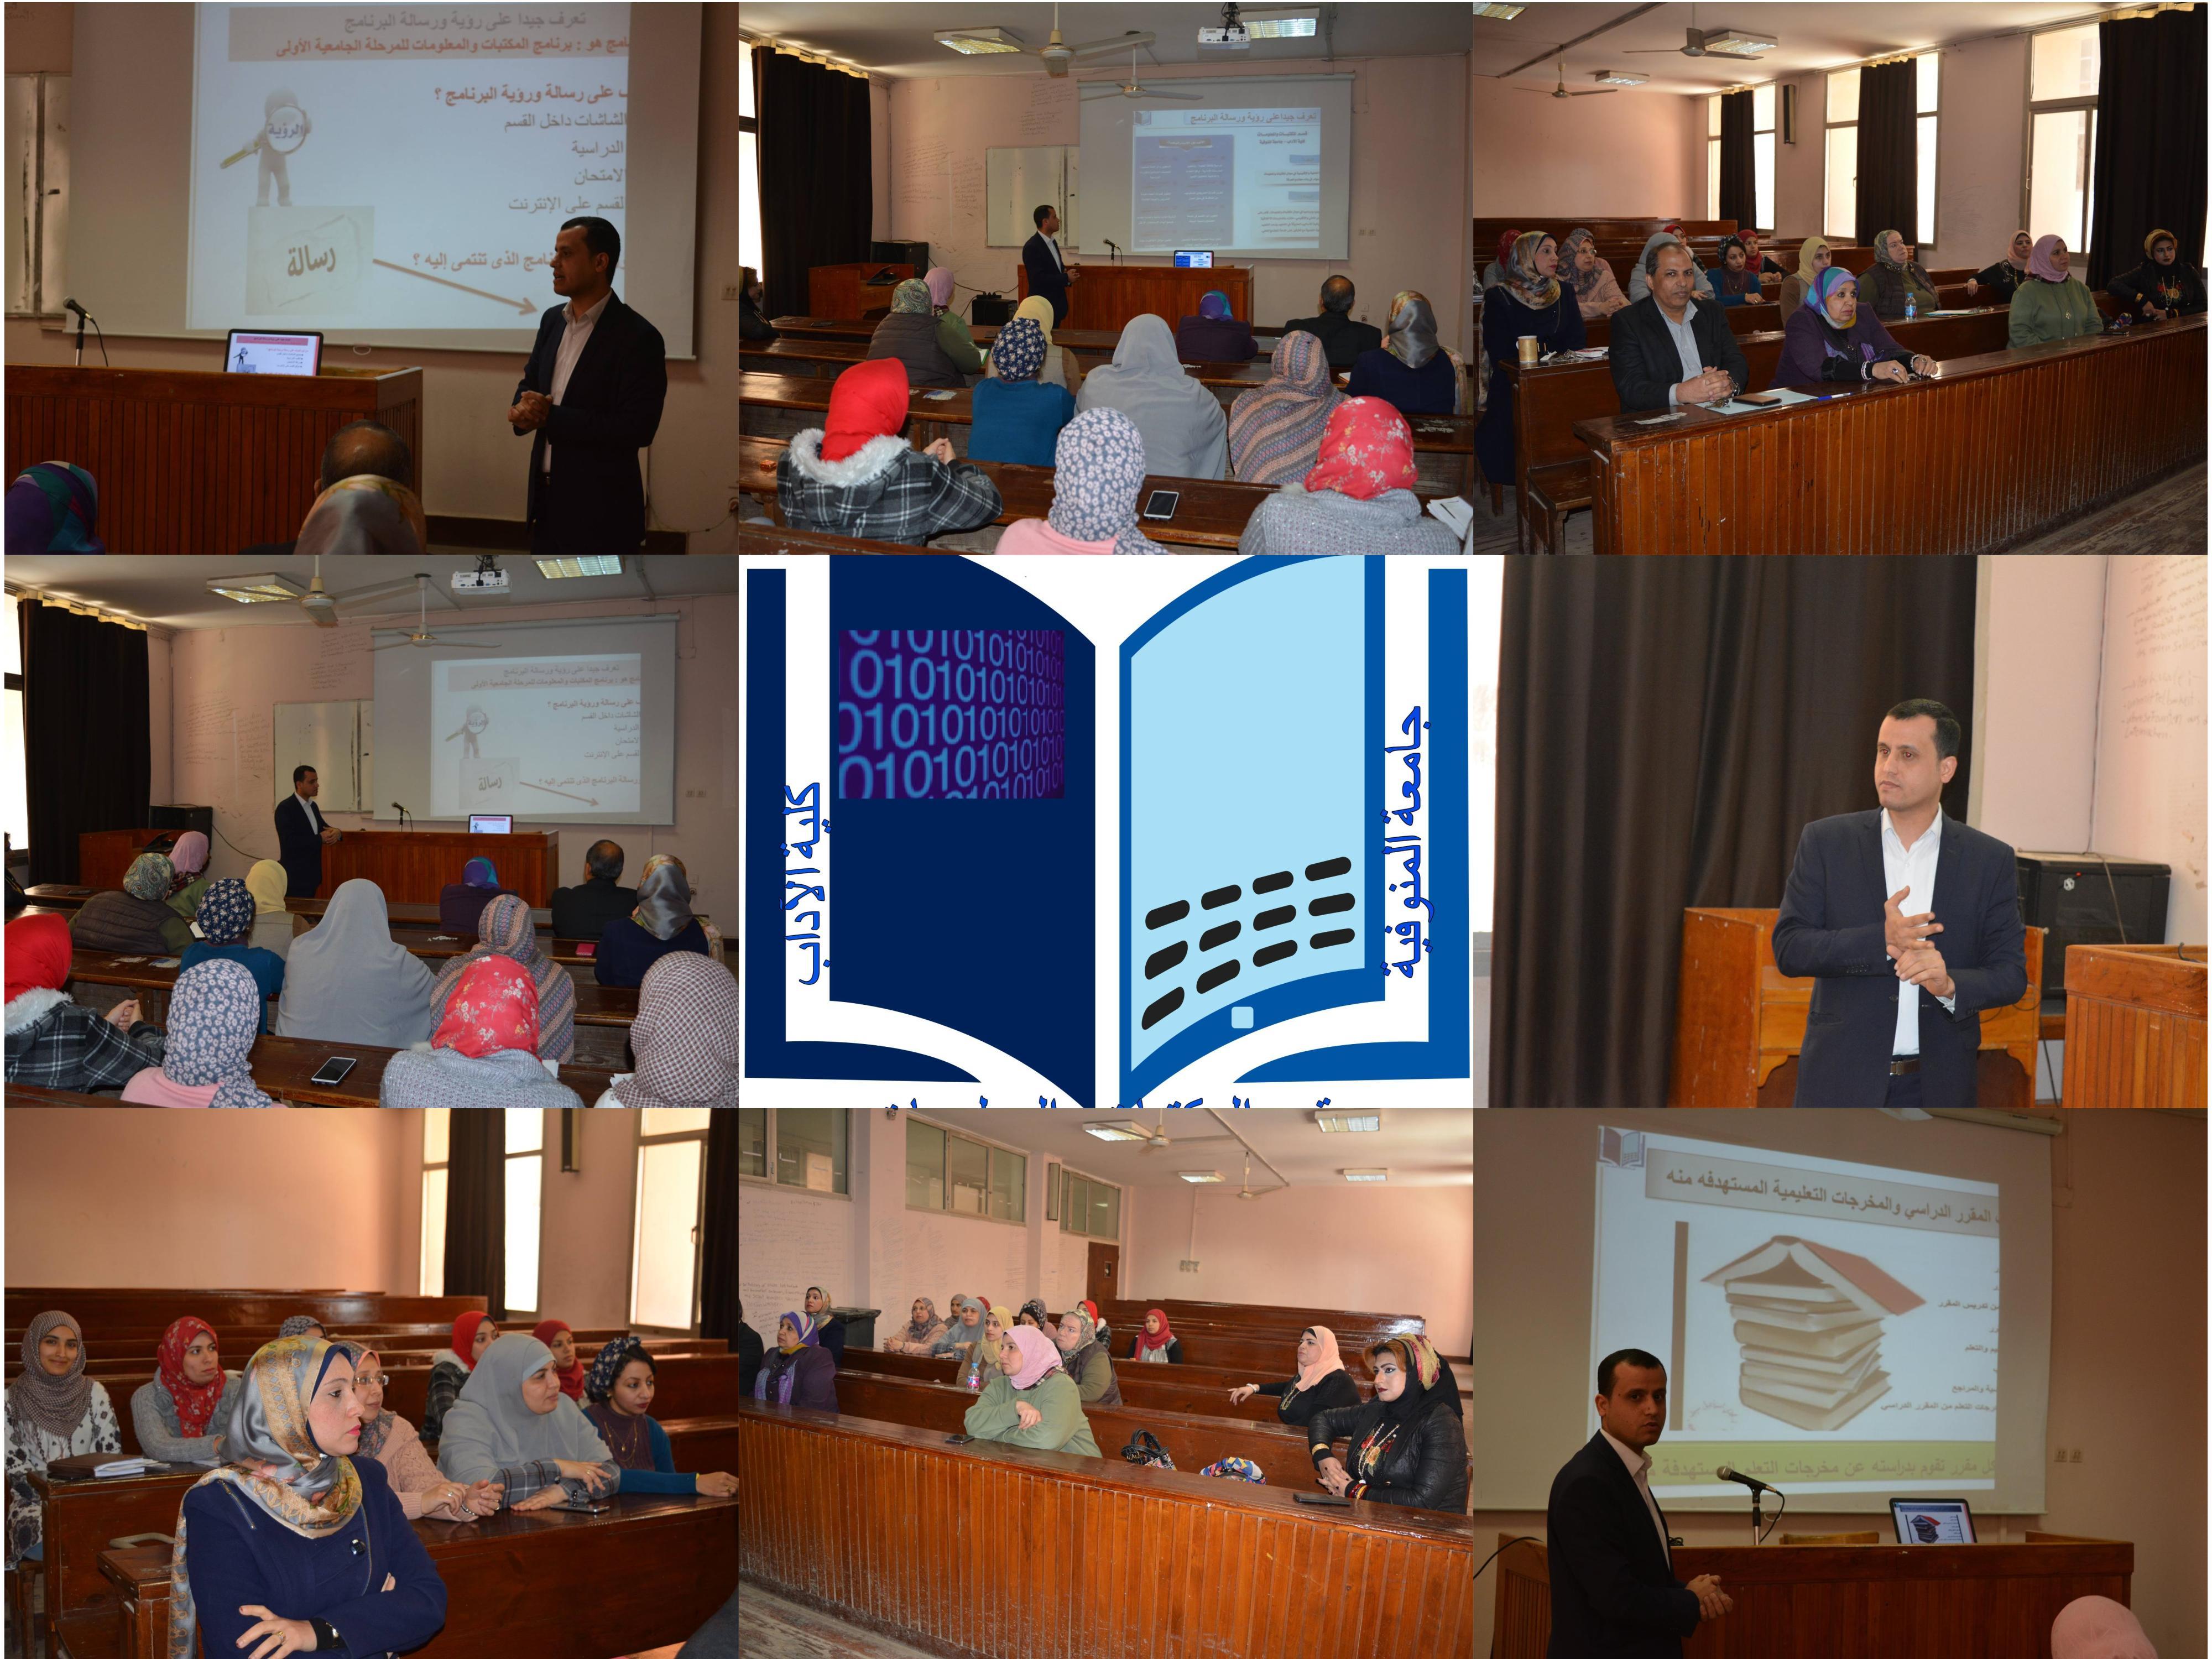 دور الطلاب في تطبيق الجودة ببرنامج المكتبات والمعلومات كلية الآداب جامعة المنوفية